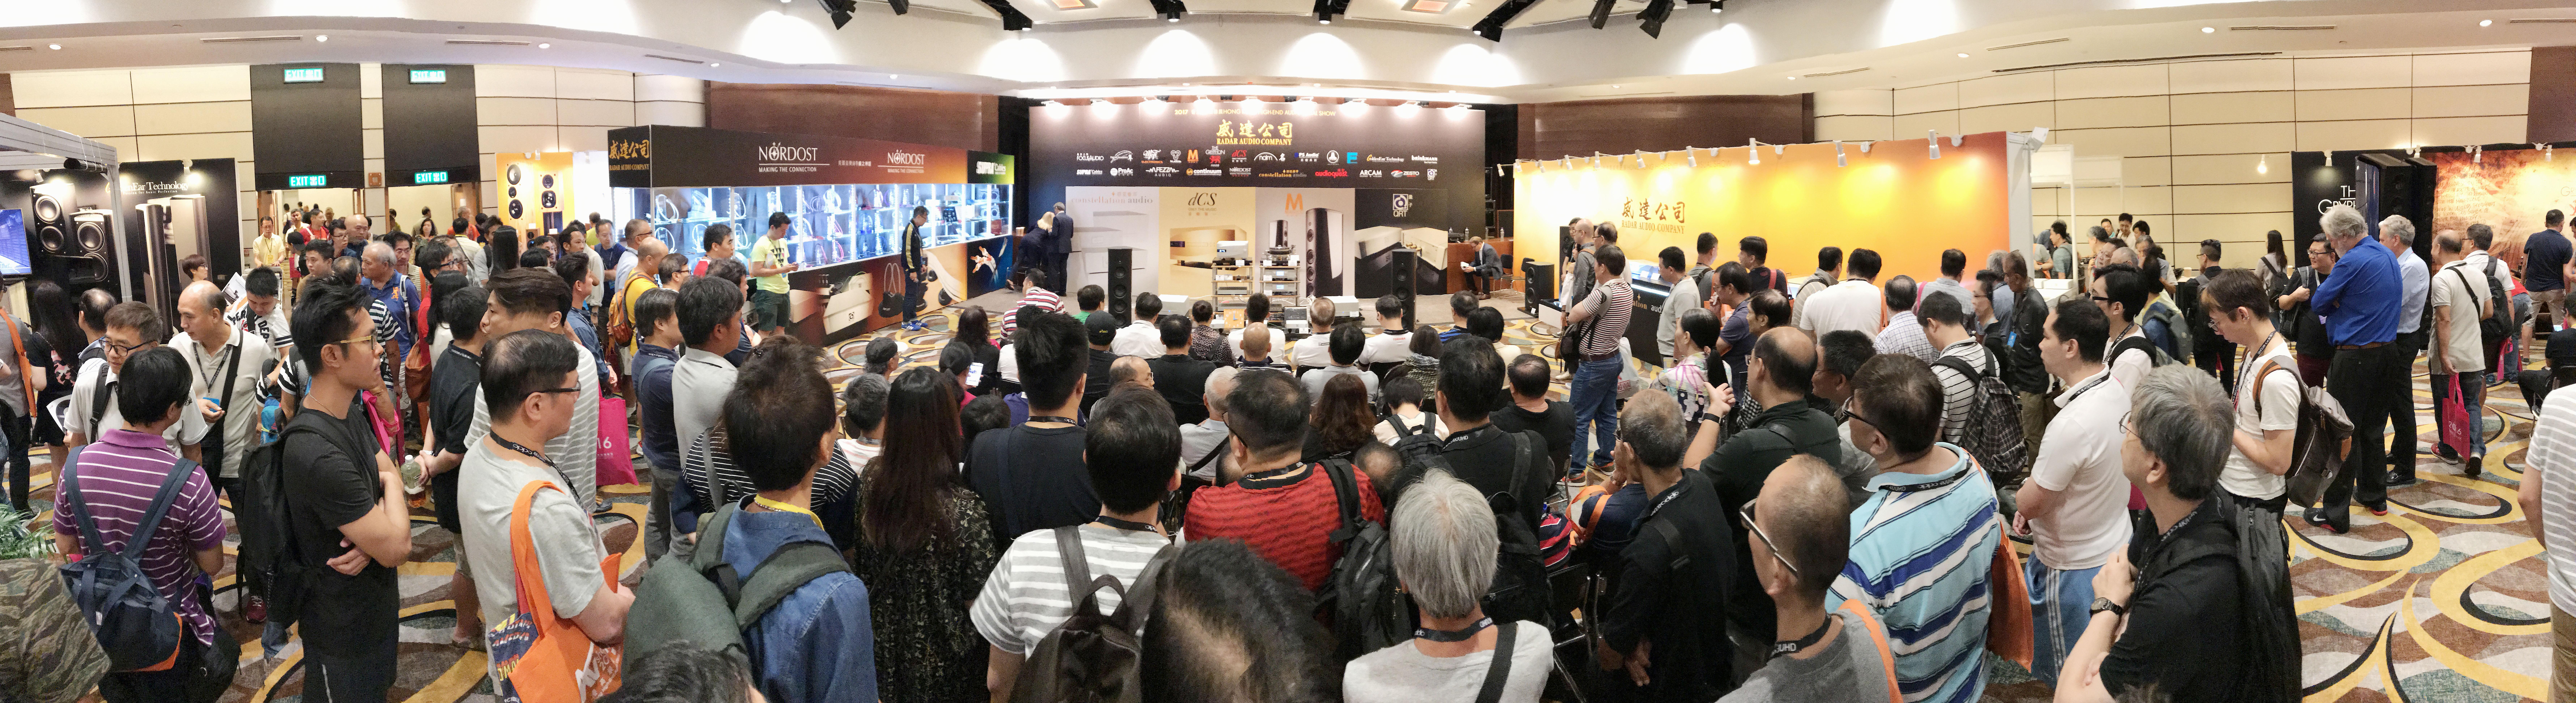 2017 hk av show pix for nordost 15